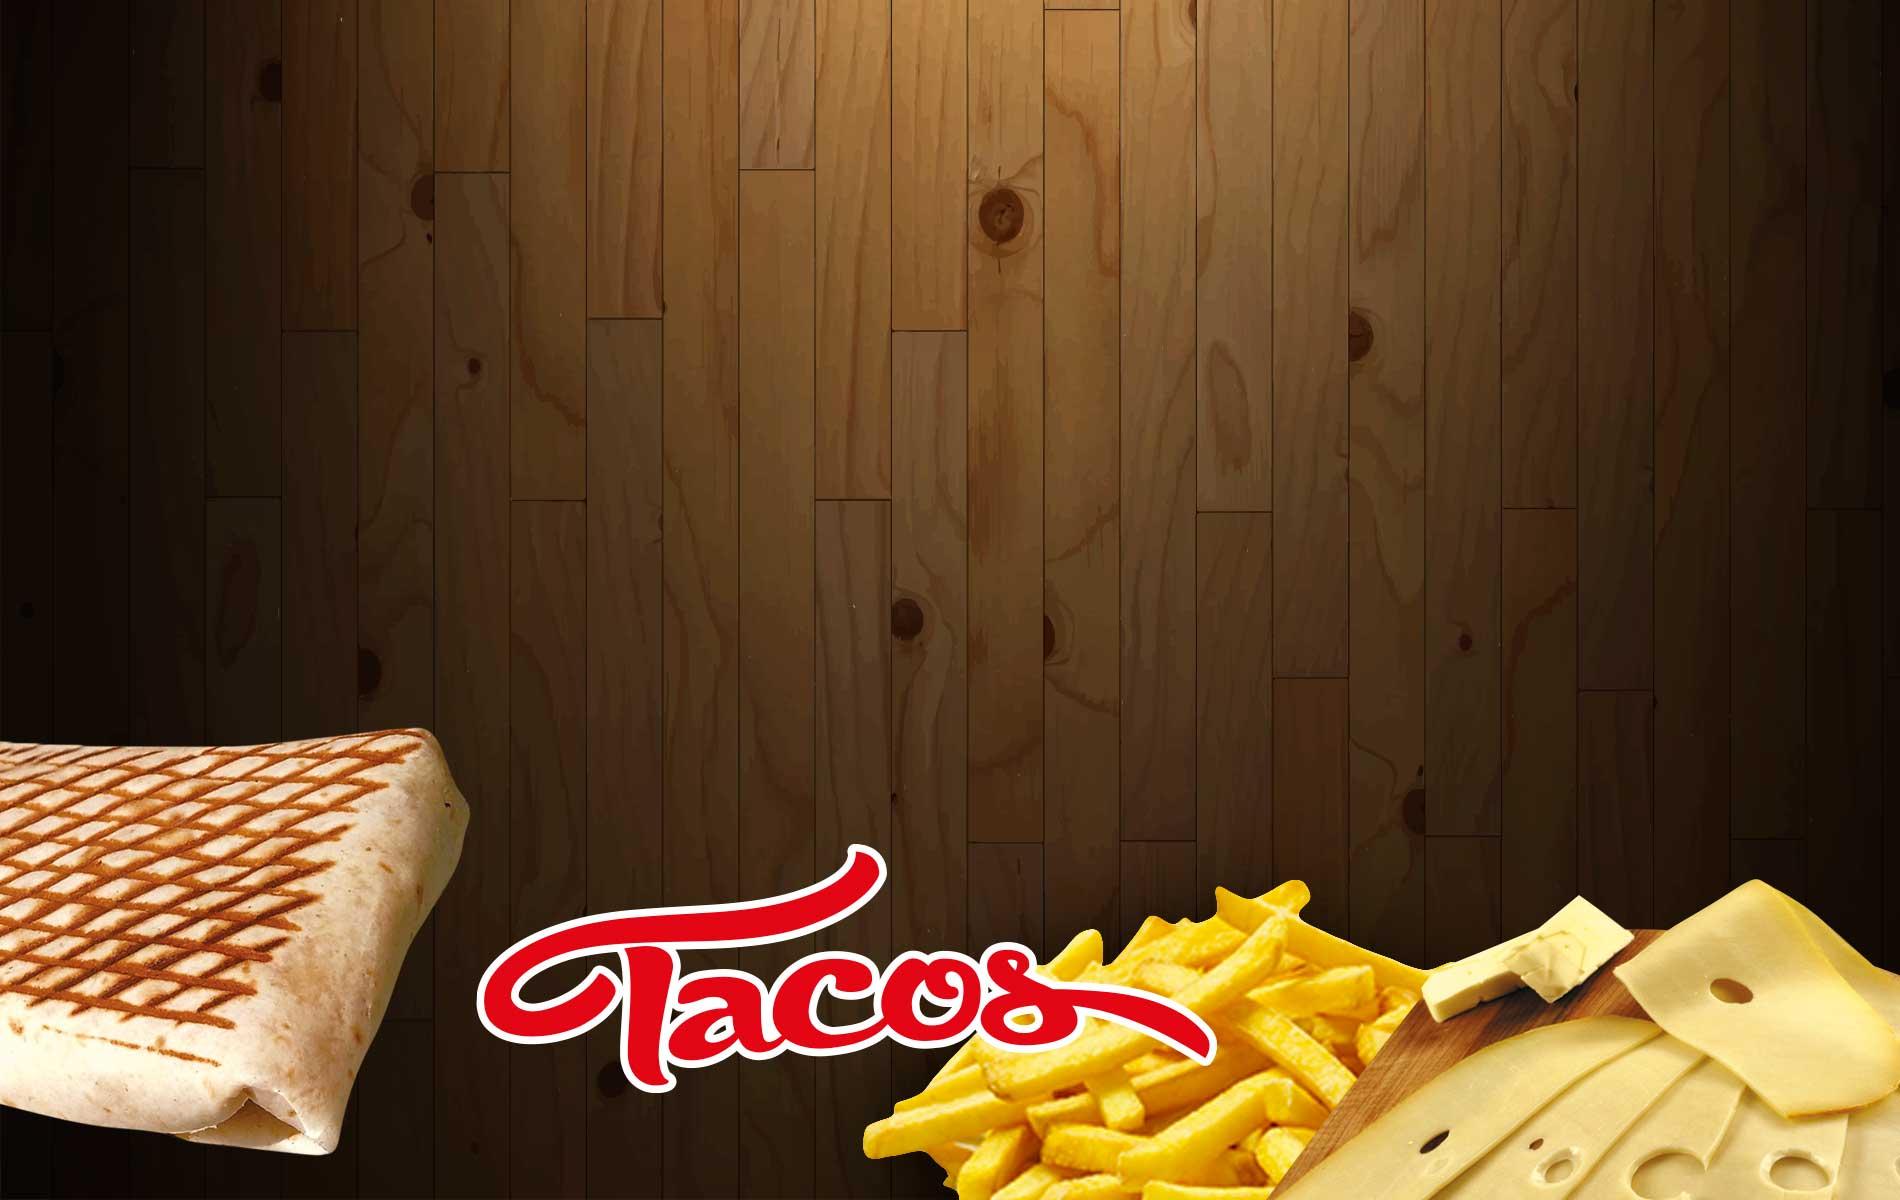 Speedy Tacos Nice Cannes Burger Pizza livraison nuit